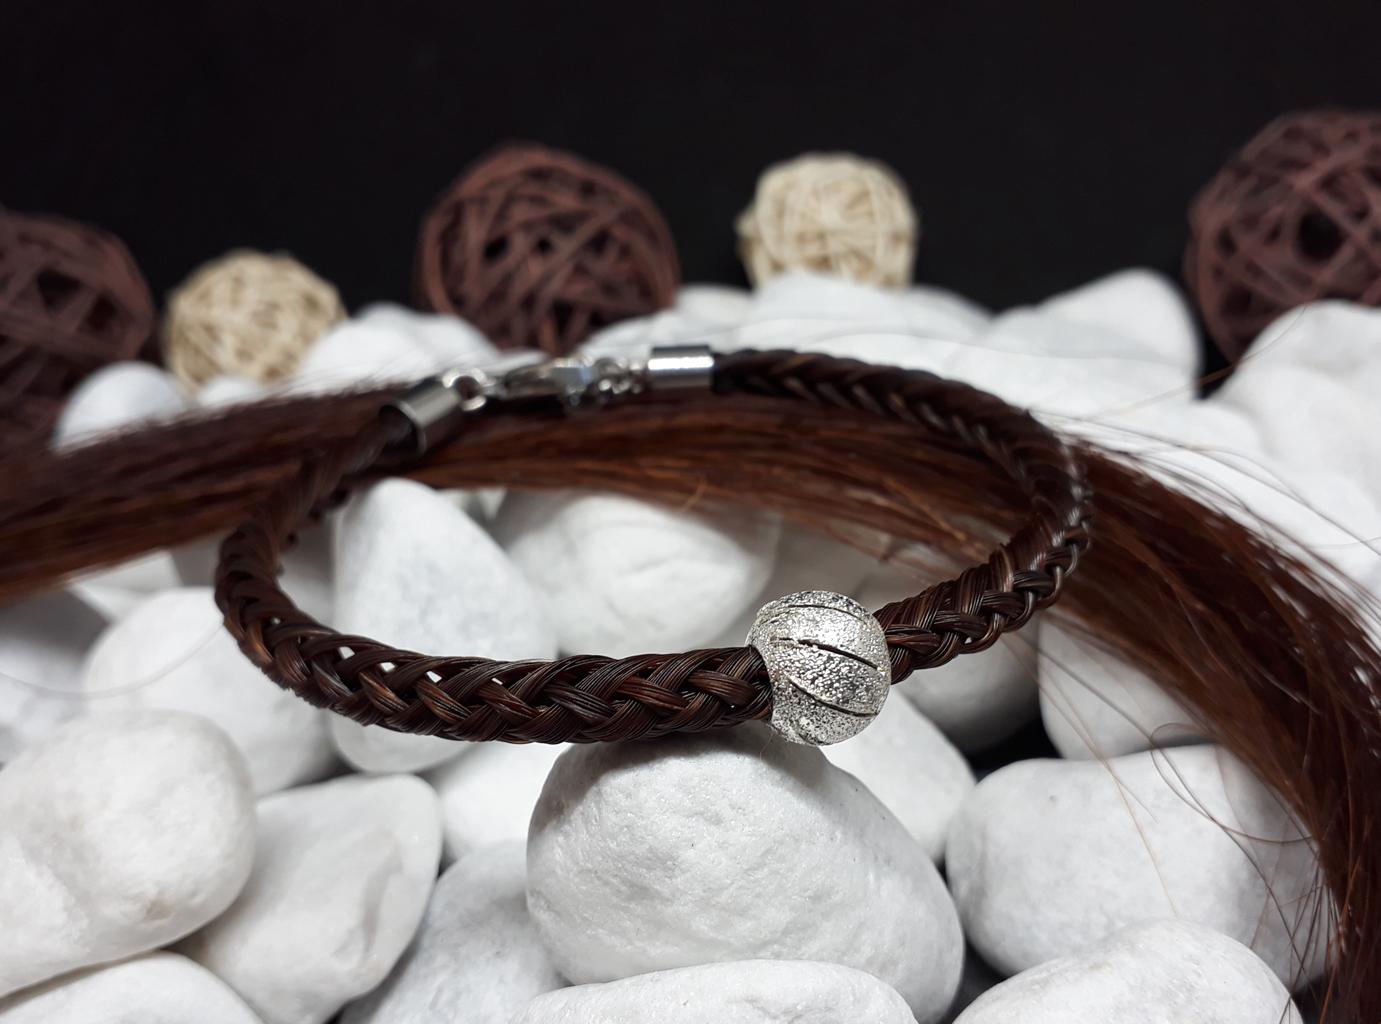 """R8-Stardust: Rund geflochtenes Armband aus 8 Strängen mit einer versilberten Perle """"Stardust"""", mit Edelstahl- Karabinerverschluss - Preis: 59 Euro"""